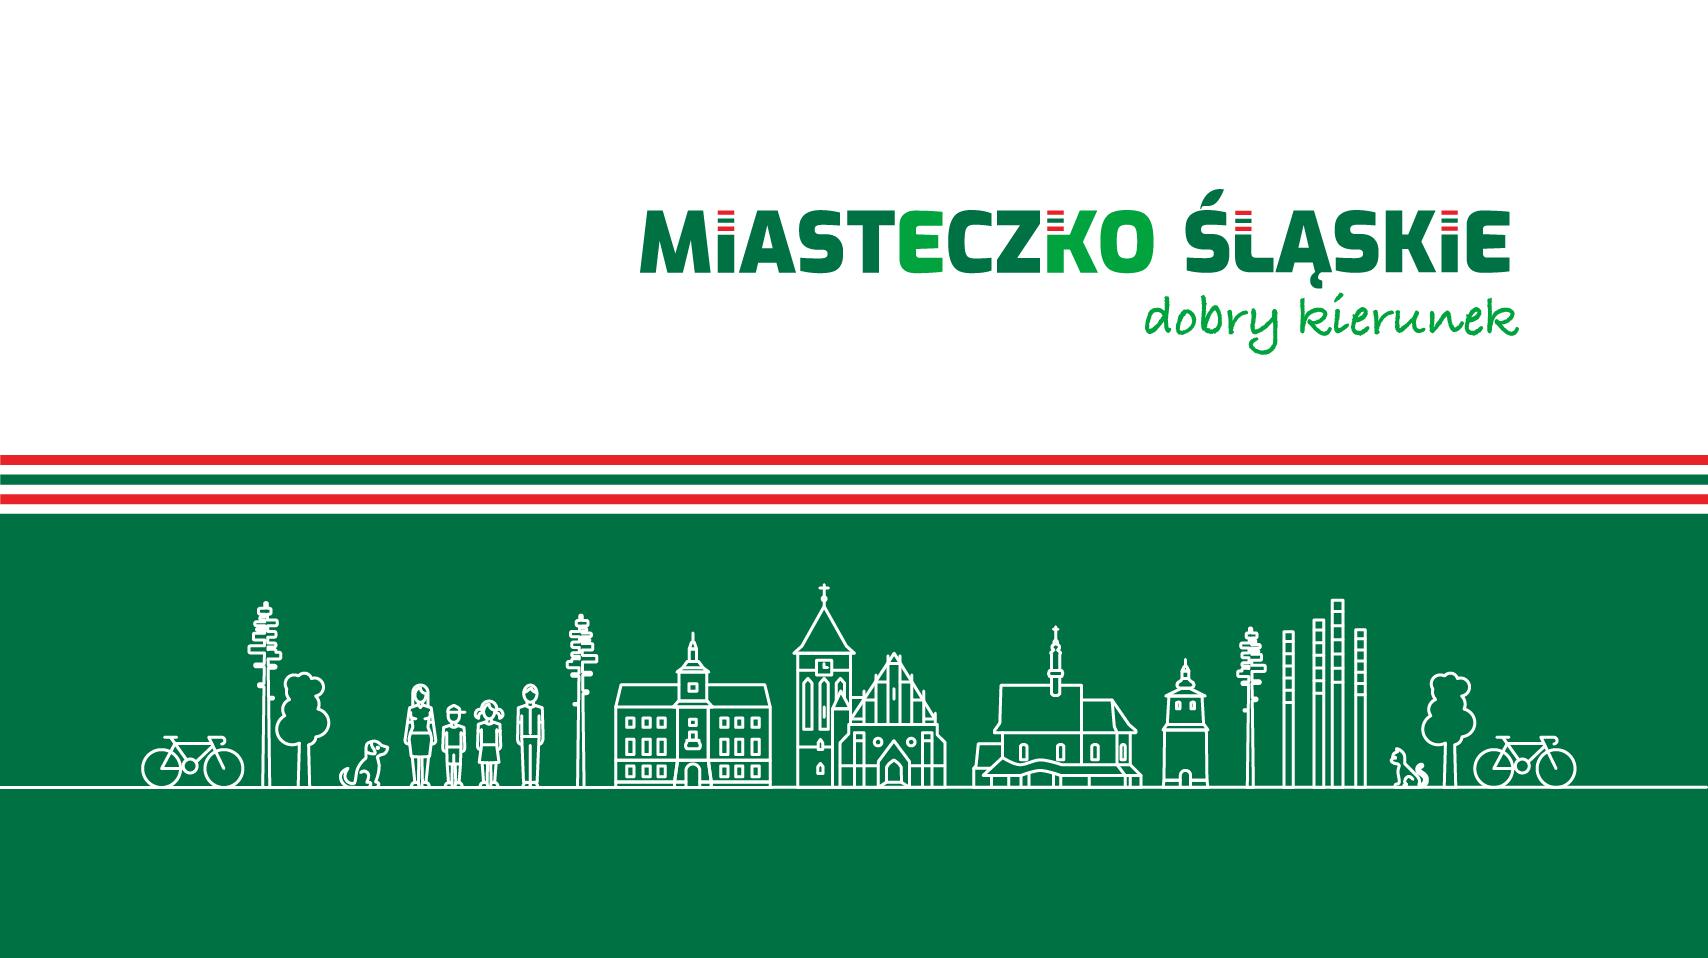 Porządek obrad XXIX Sesji Rady Miejskiej w Miasteczku Śląskim.